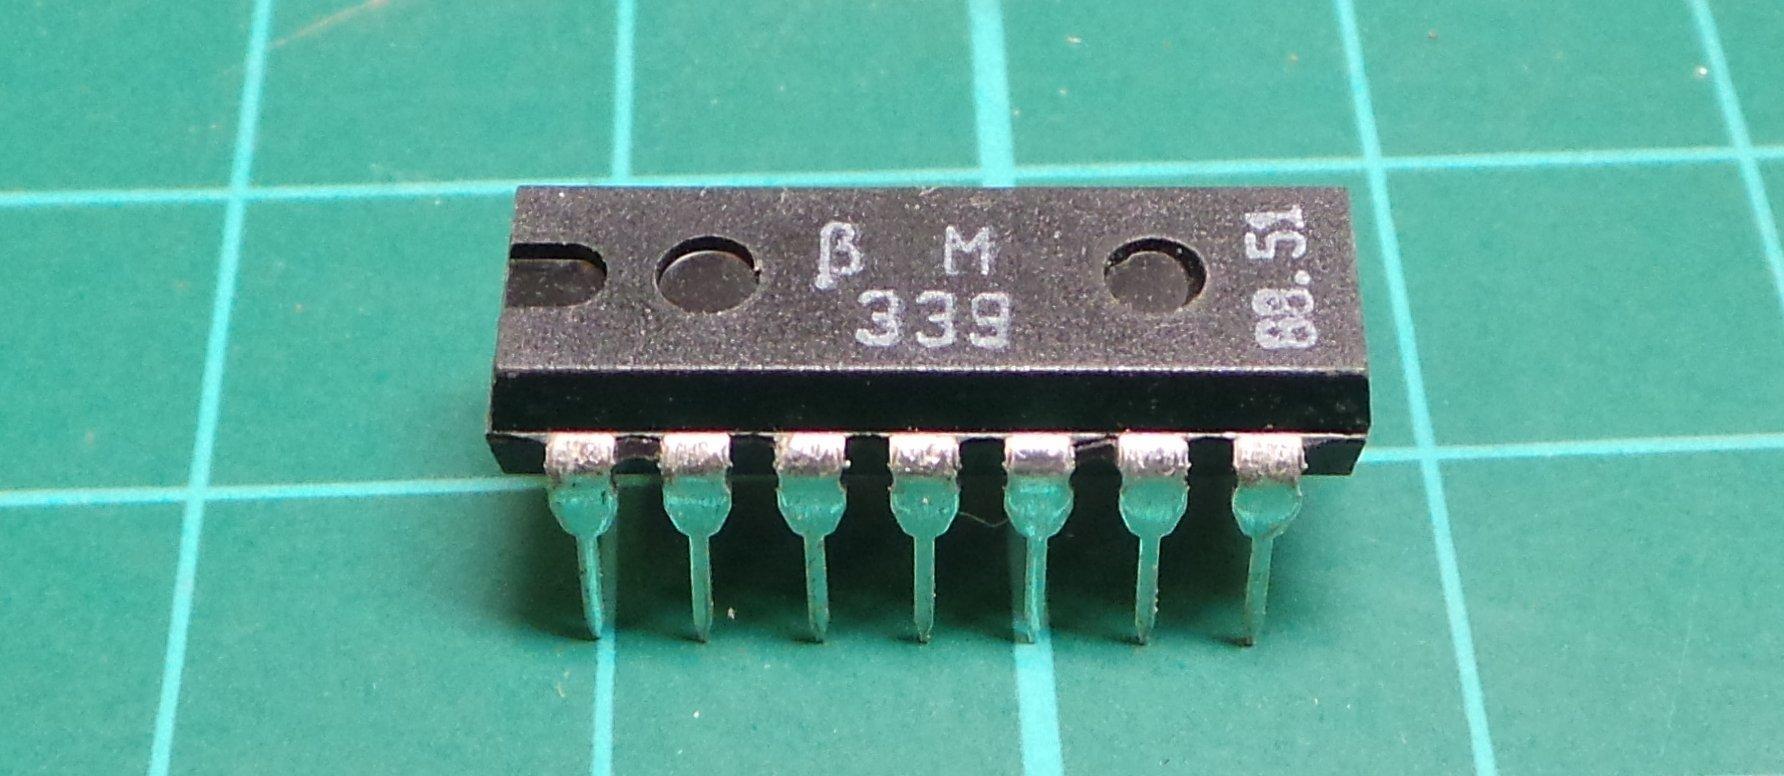 BM339 (LM339 Clone), quad Comparitor, DIP14